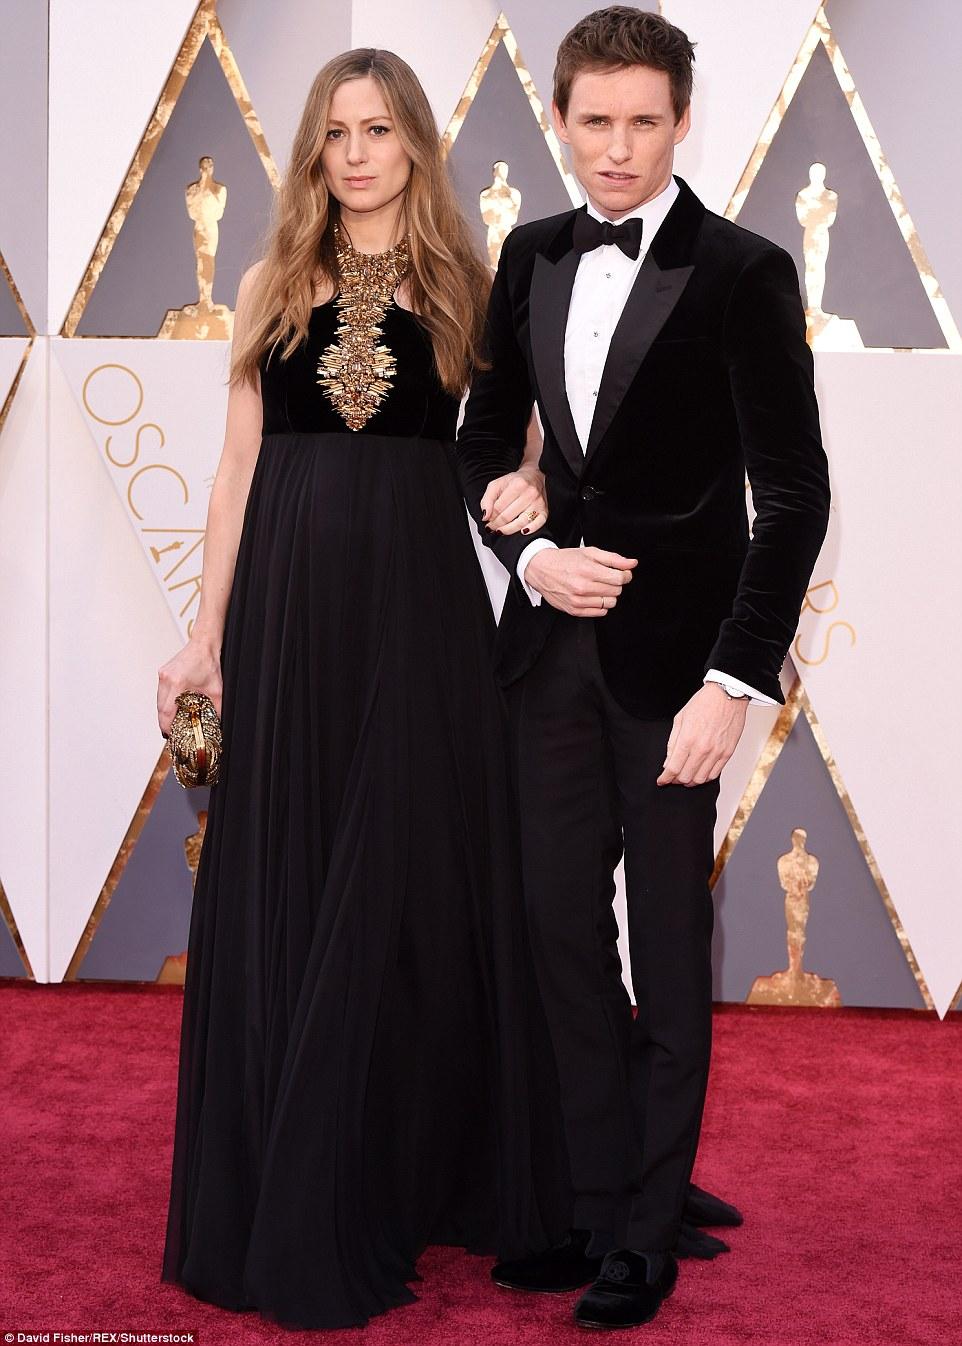 Orgulhosos pais-a-ser: Eddie Redmayne foi braço-de-braço com sua adorável esposa Hannah Bagshawe, que está esperando seu primeiro filho juntos